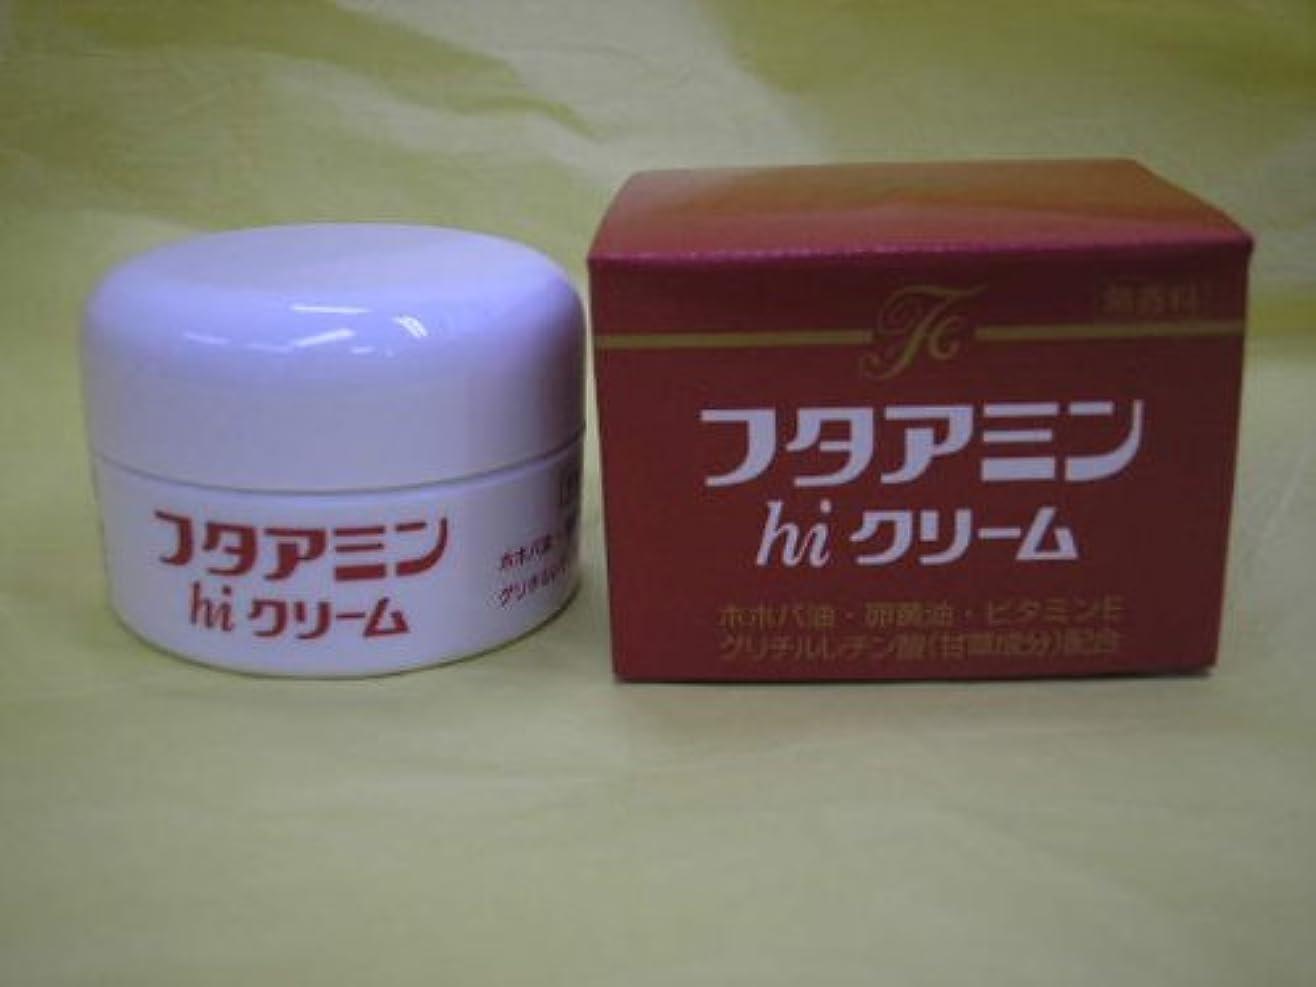 暗黙笑い適格フタアミンhiクリーム 55g(無香料)医薬部外品